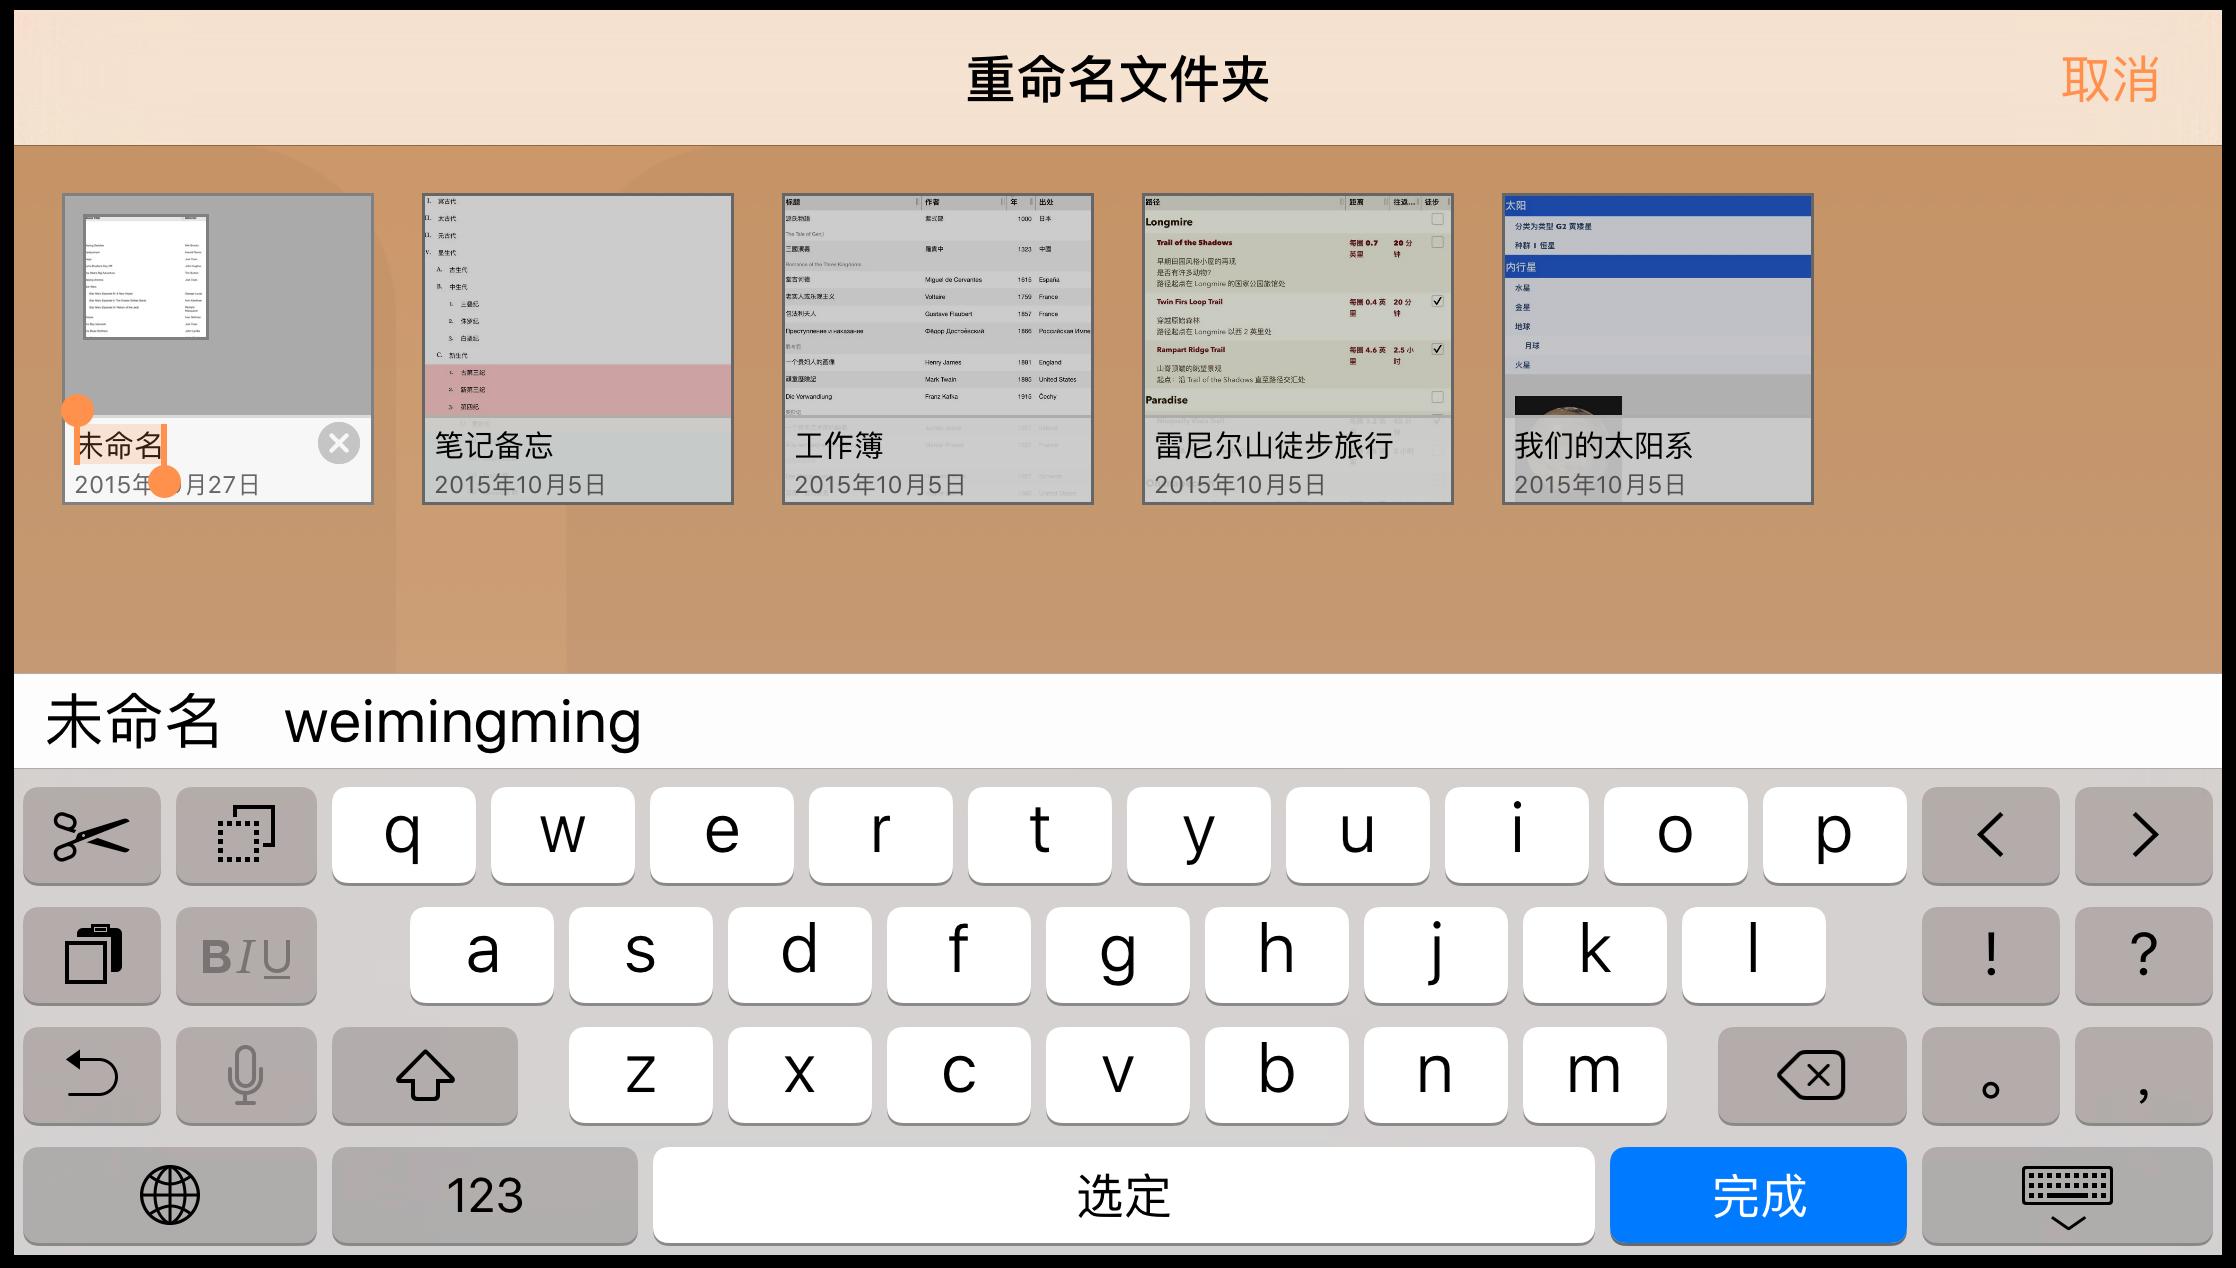 为新文件夹起一个能准确描述其内容的名称。